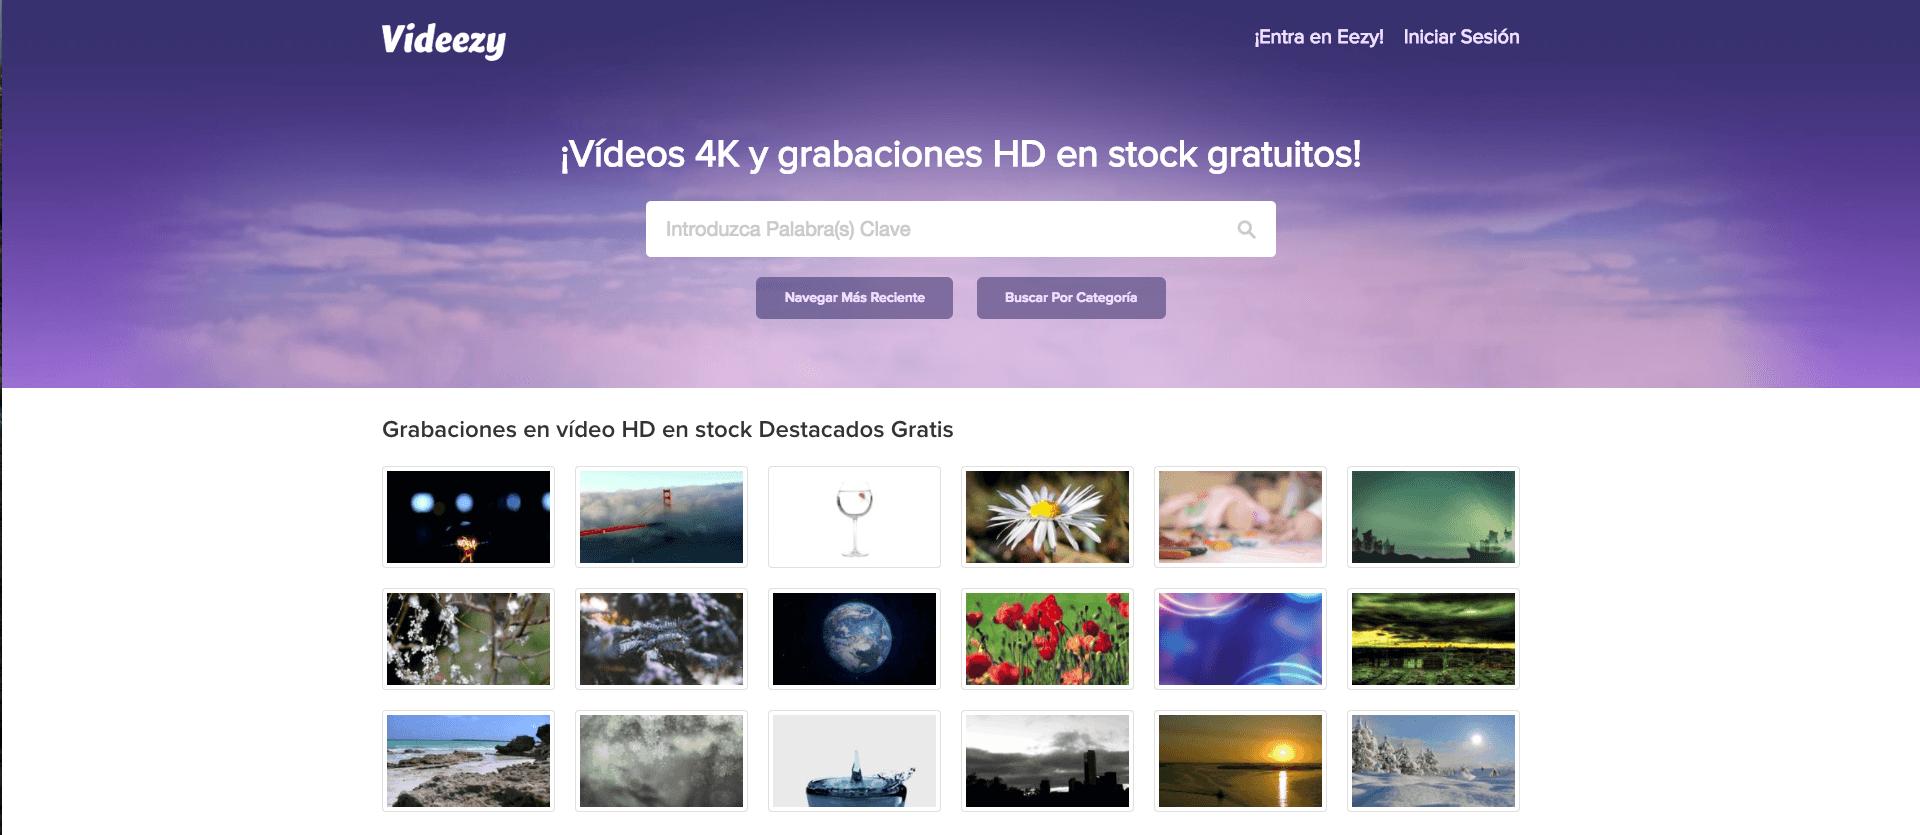 Videos en 4k